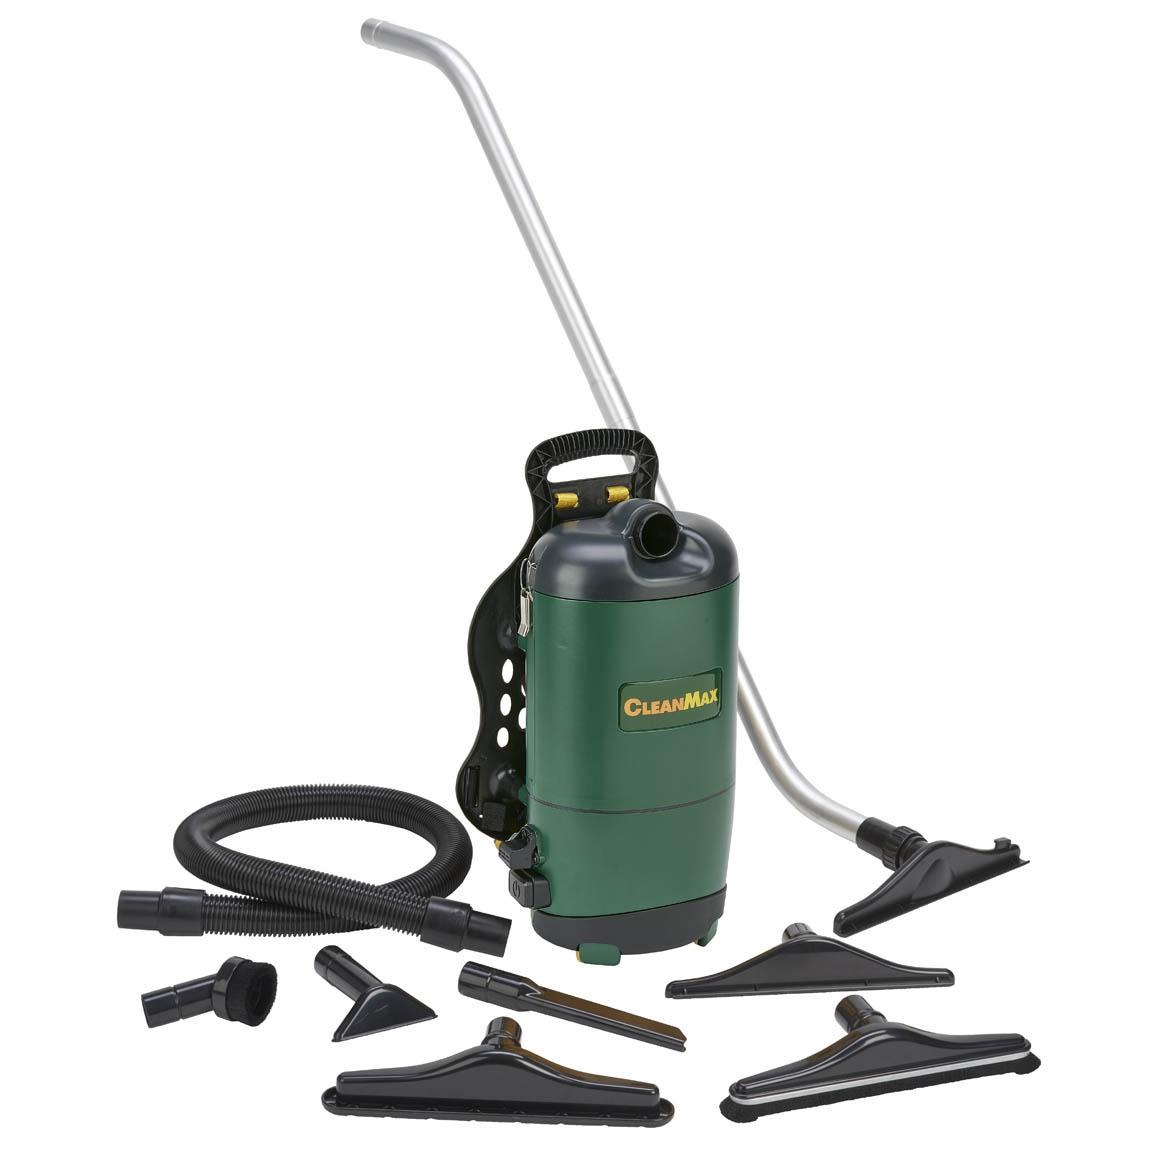 Cleanmax Backpack Vacuum 6qt